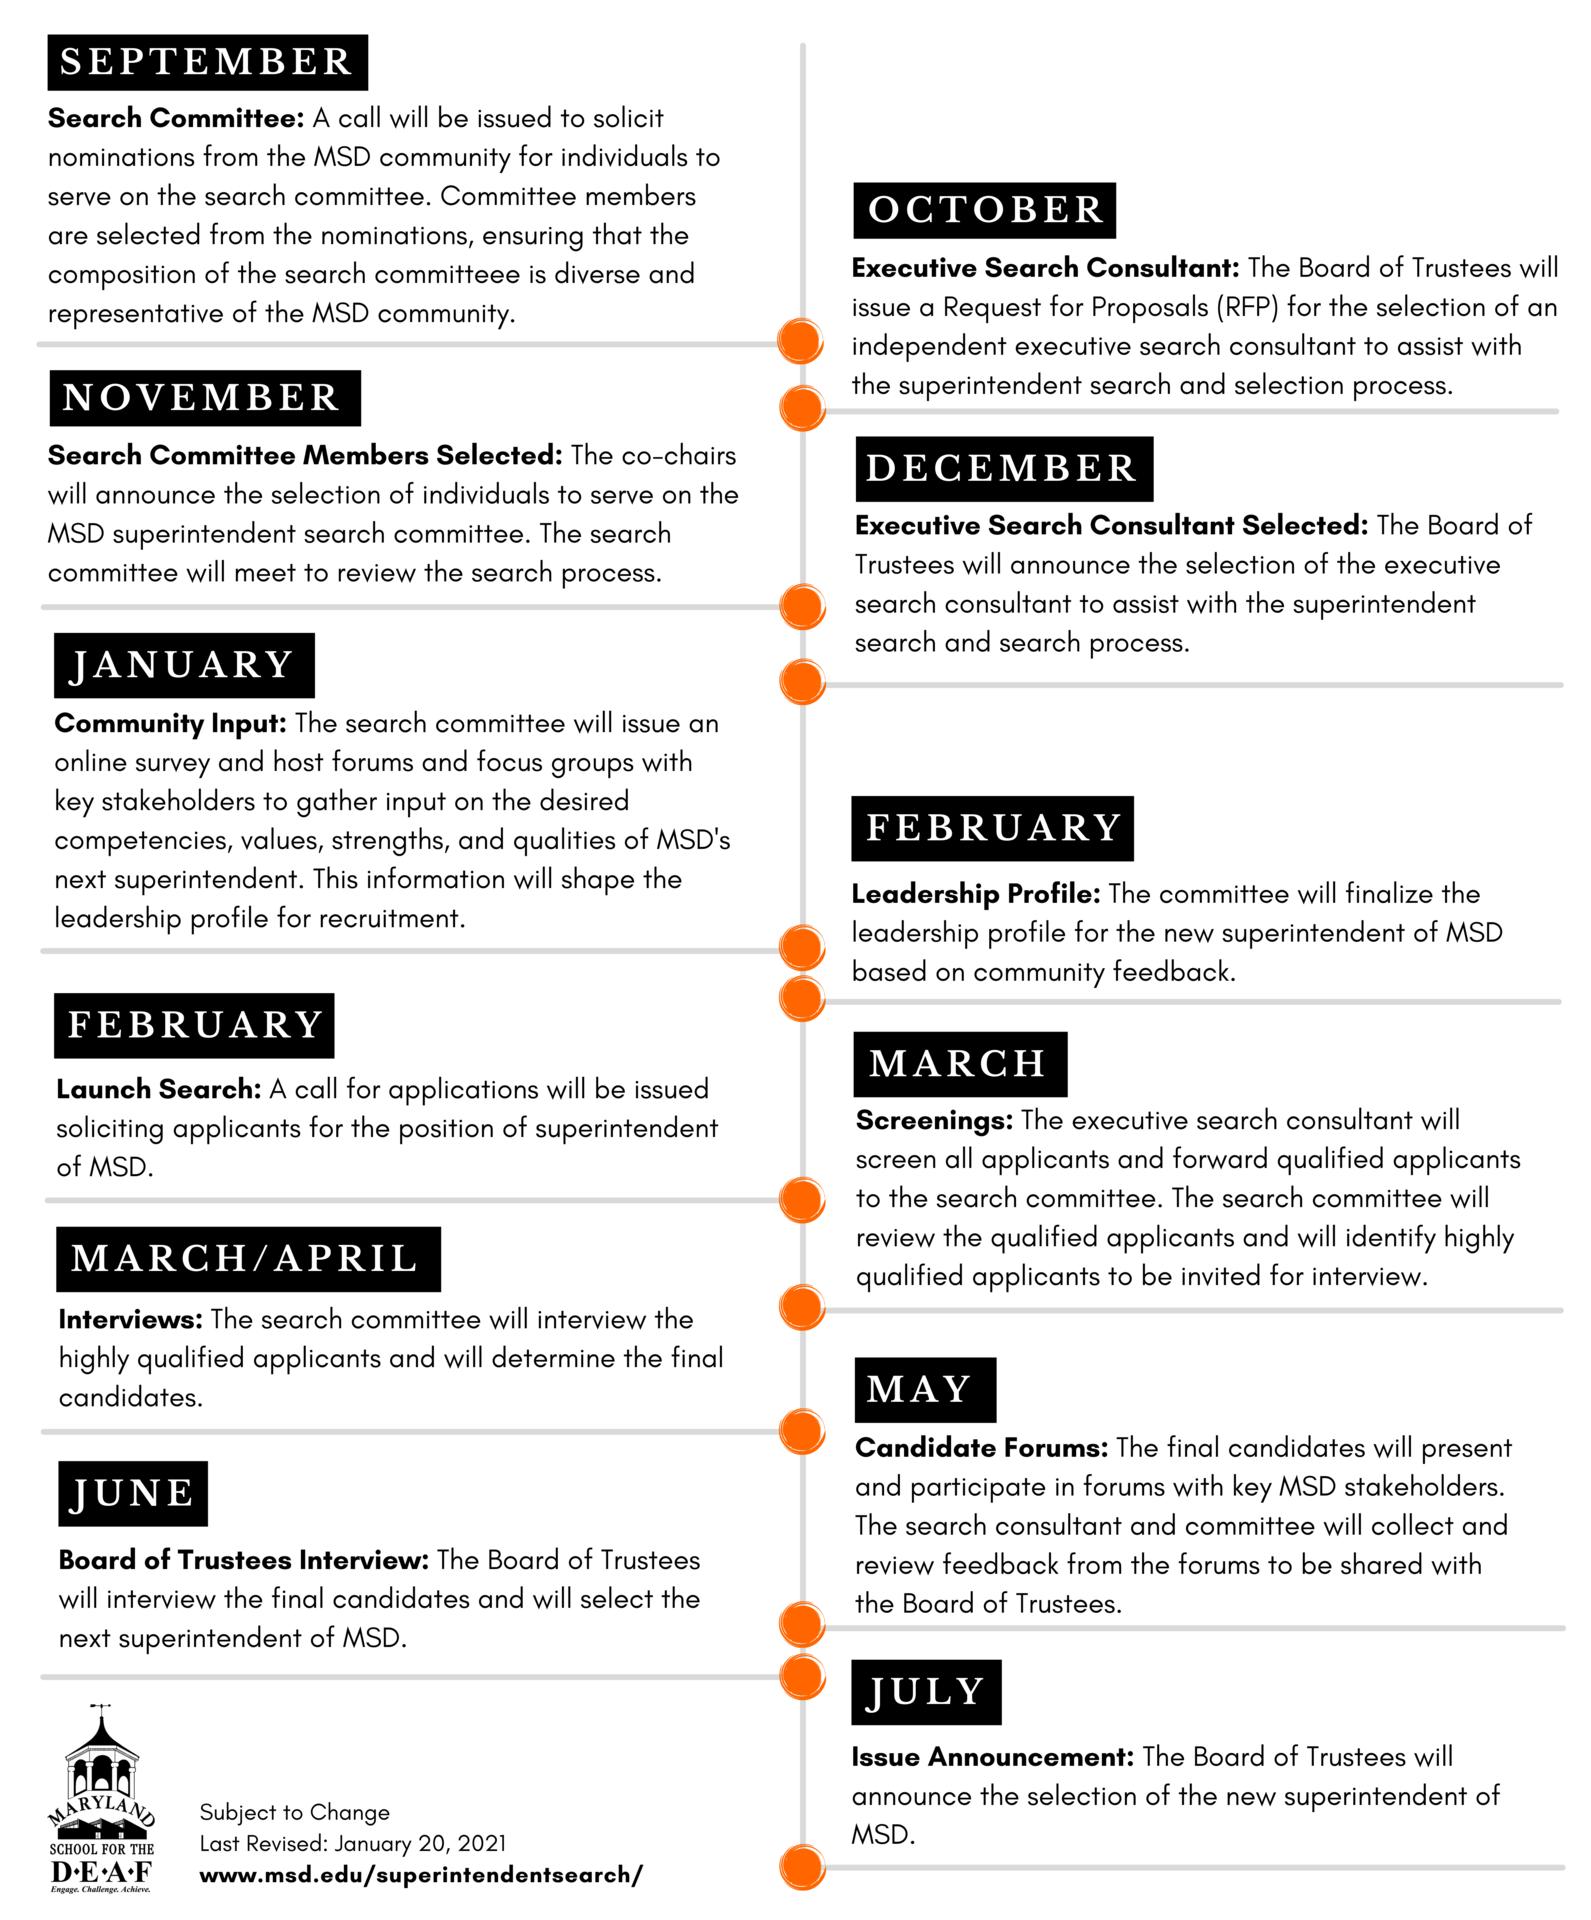 Timeline of Key Steps